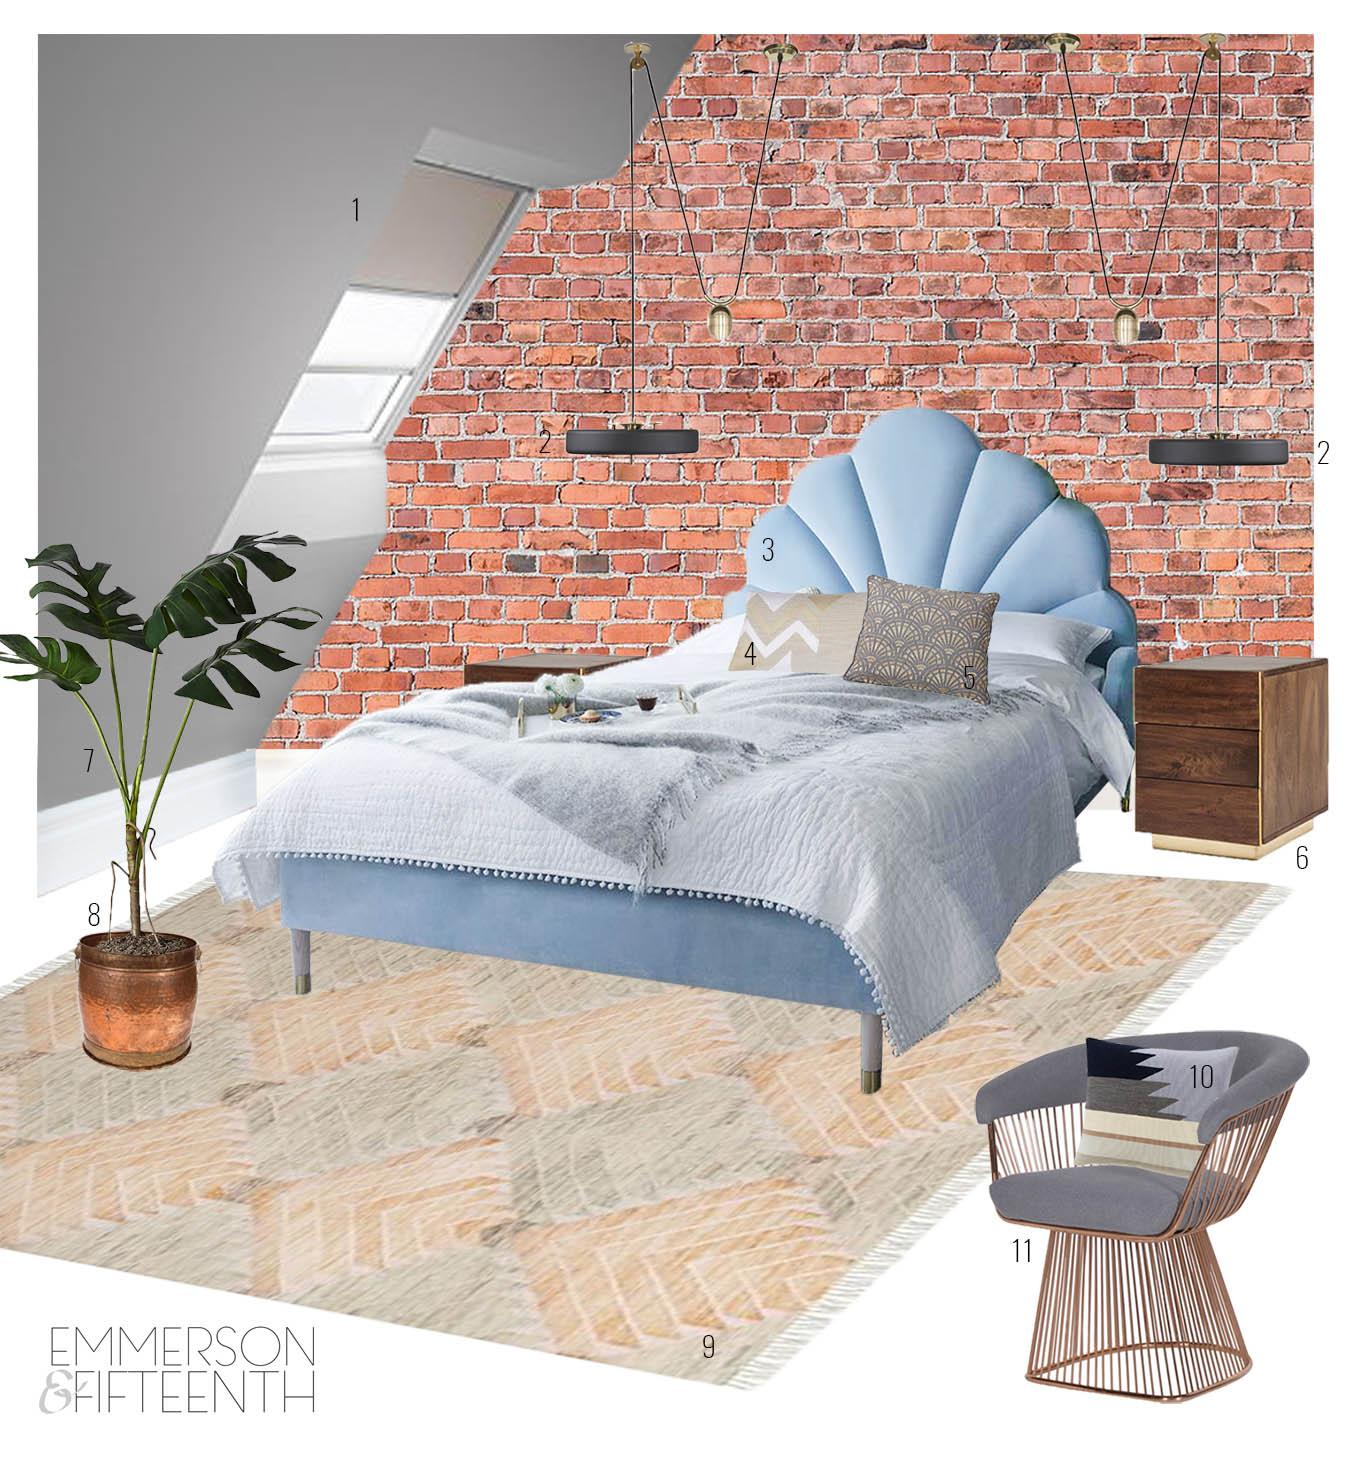 Design Board: An Industrial, Art Deco-Inspired Bedroom